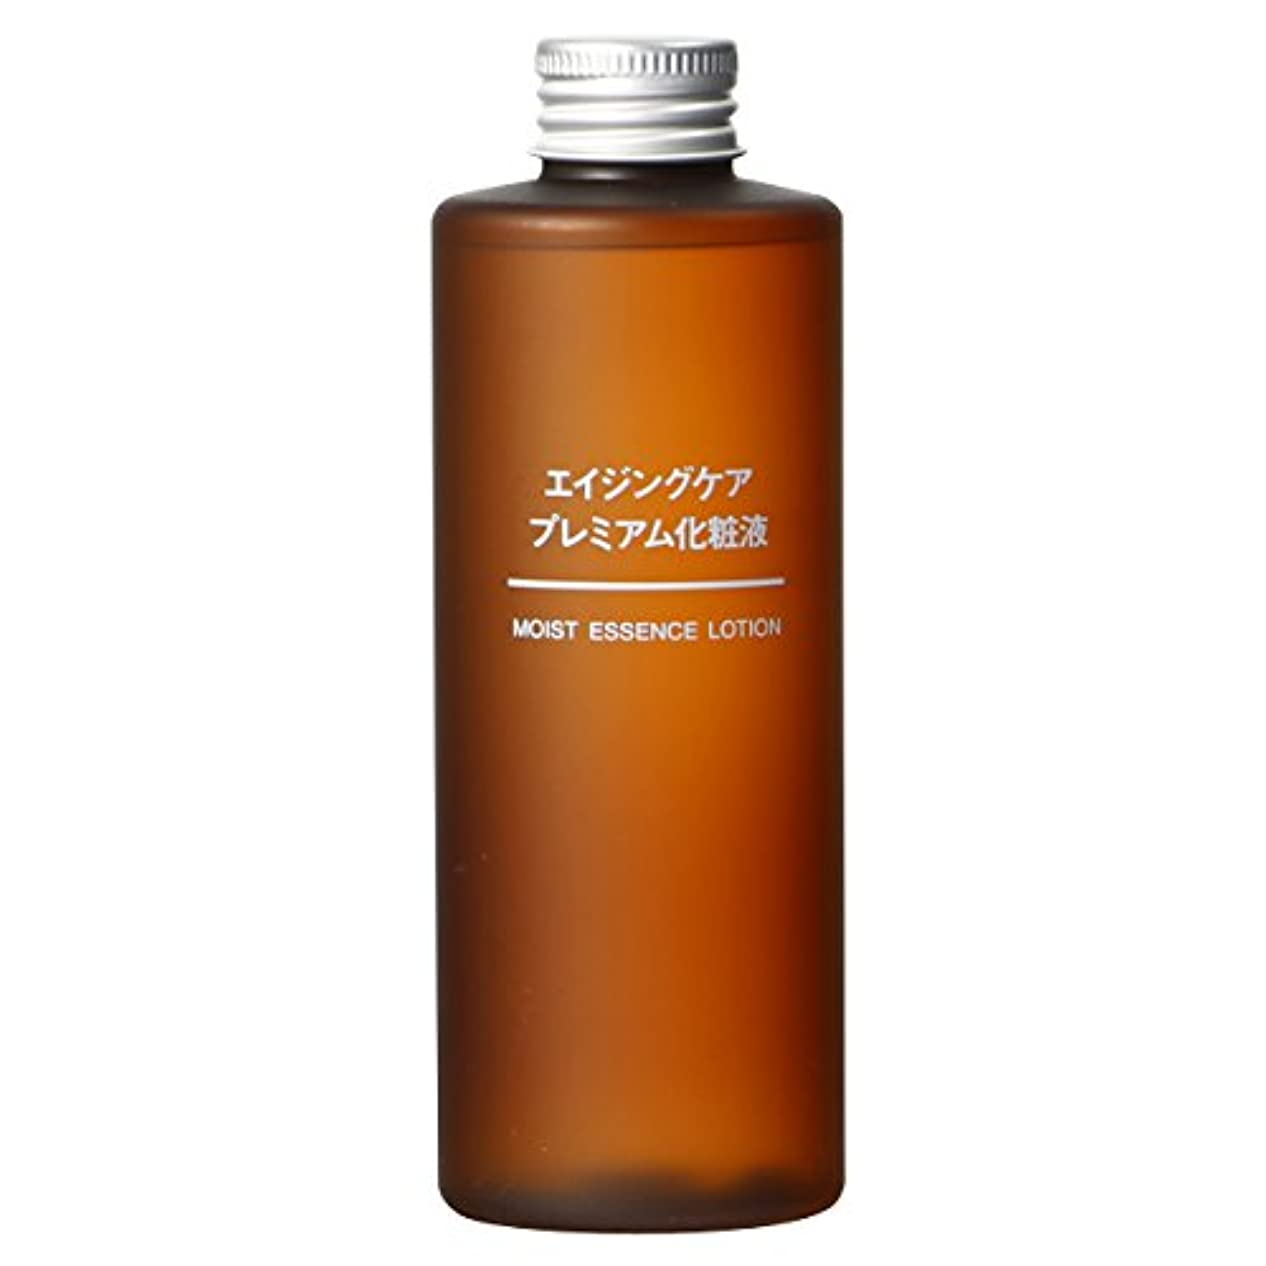 調整汚物癒す無印良品 エイジングケアプレミアム化粧液 200ml